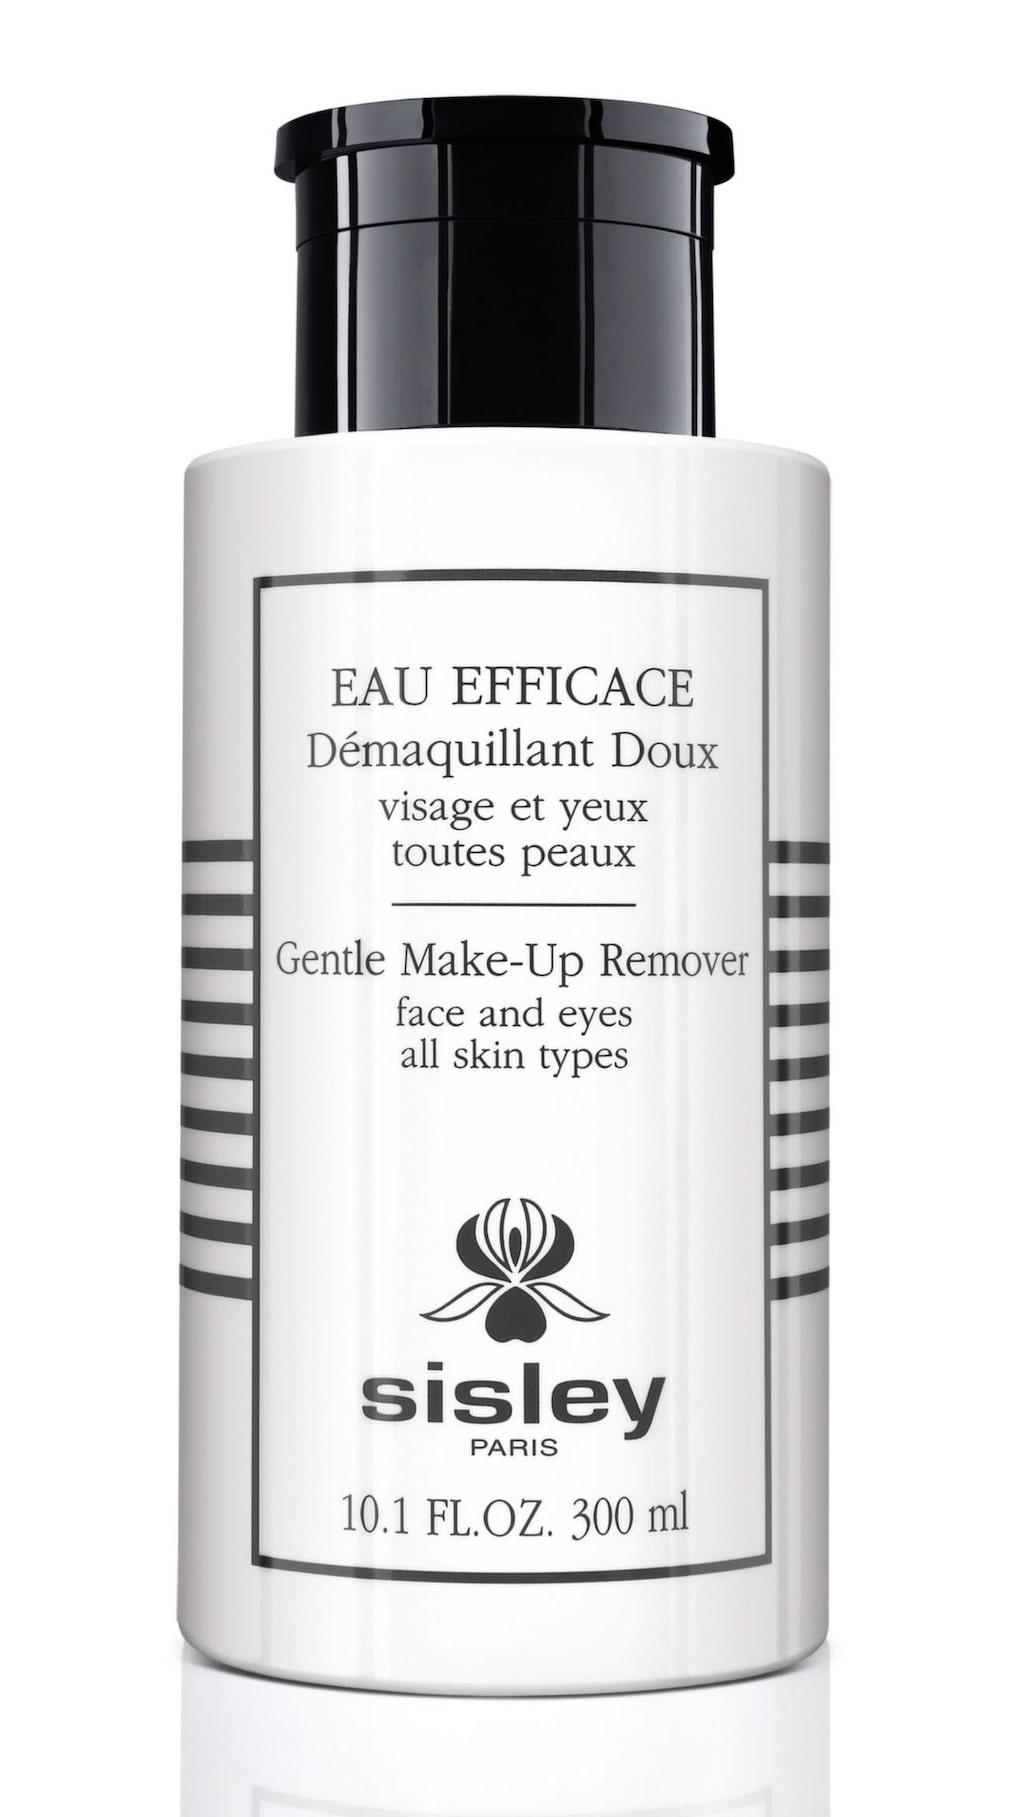 <p>Eau efficace, 830 kronor/300 ml, Sisley.<br>Lyxig remover som tar bort alla typer av ögonmakeup, även vattenfast mascara, utan att skada fransar eller den tunna huden runt ögonen. Nk.se</p>